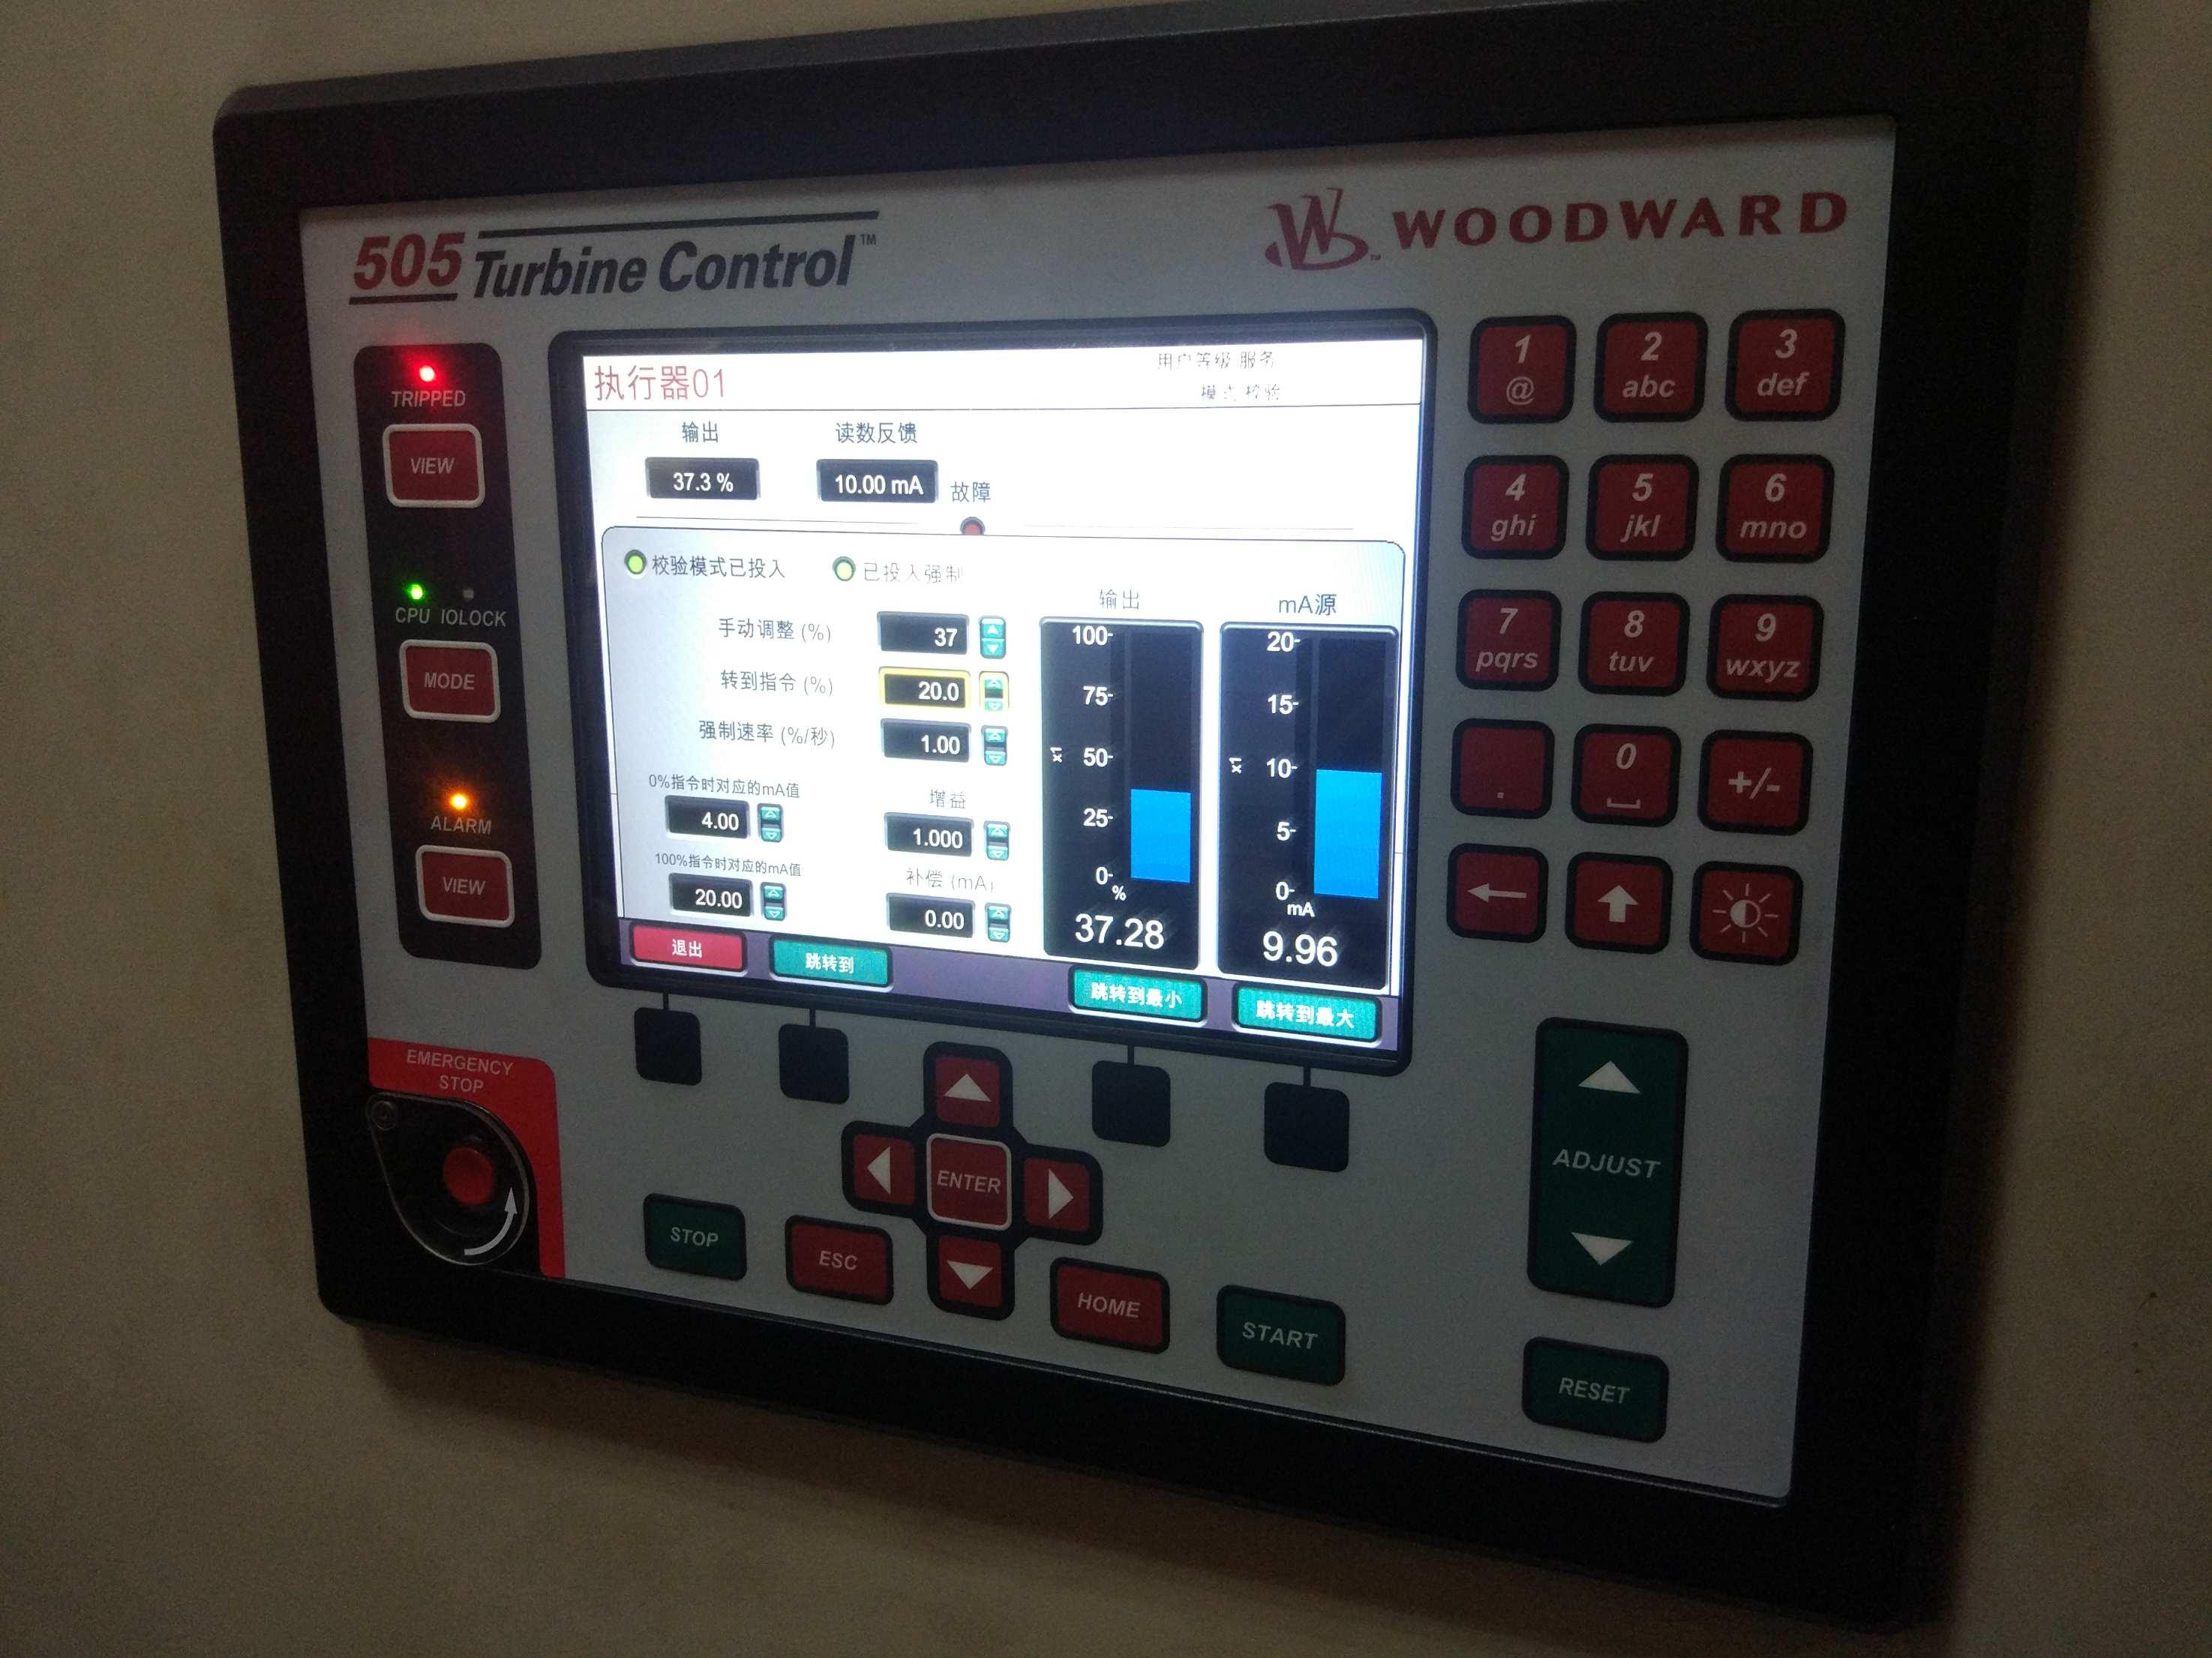 新款505控制器维修